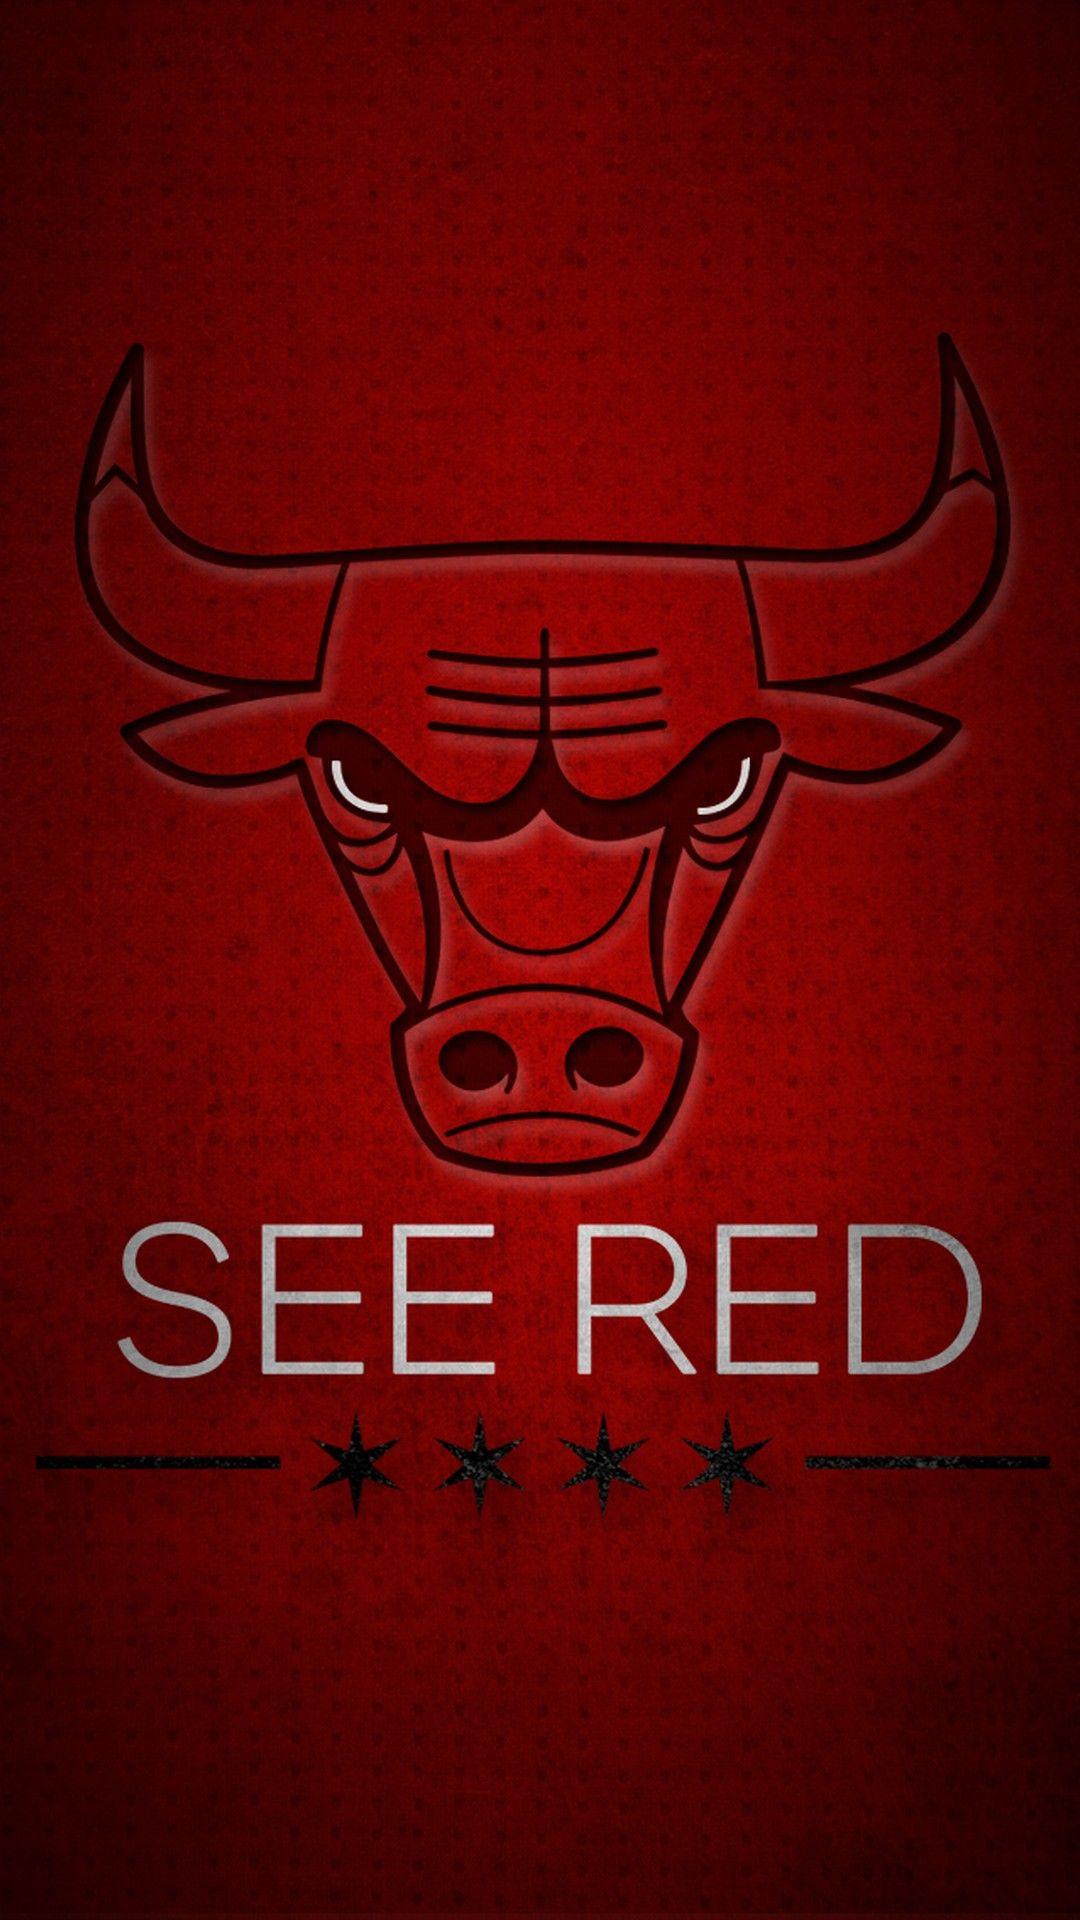 Twitter In 2021 Chicago Bulls Wallpaper Bulls Wallpaper Chicago Bulls Art